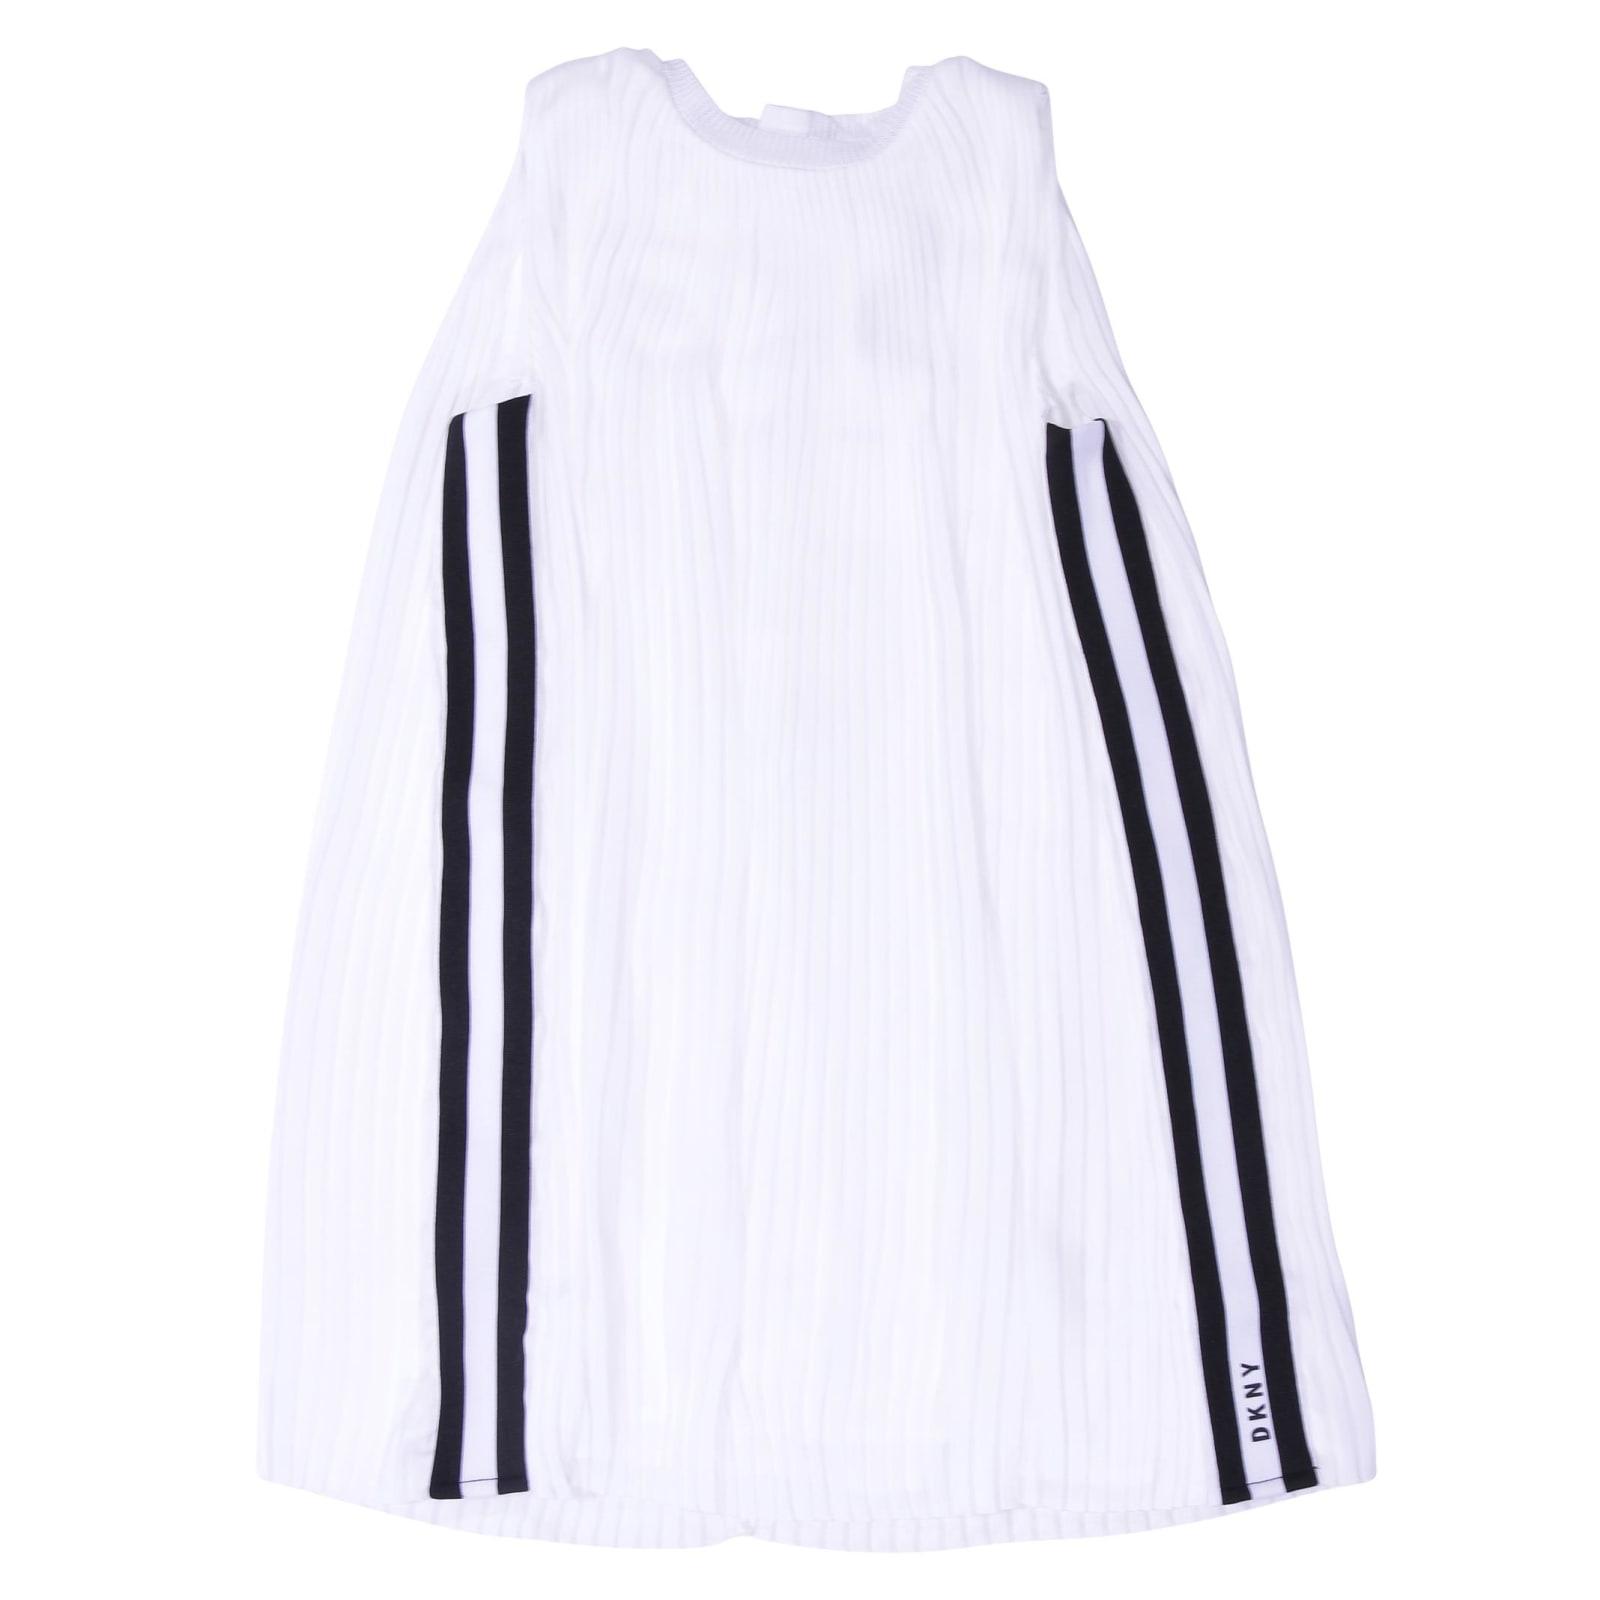 DKNY White Pleated Satin Dress